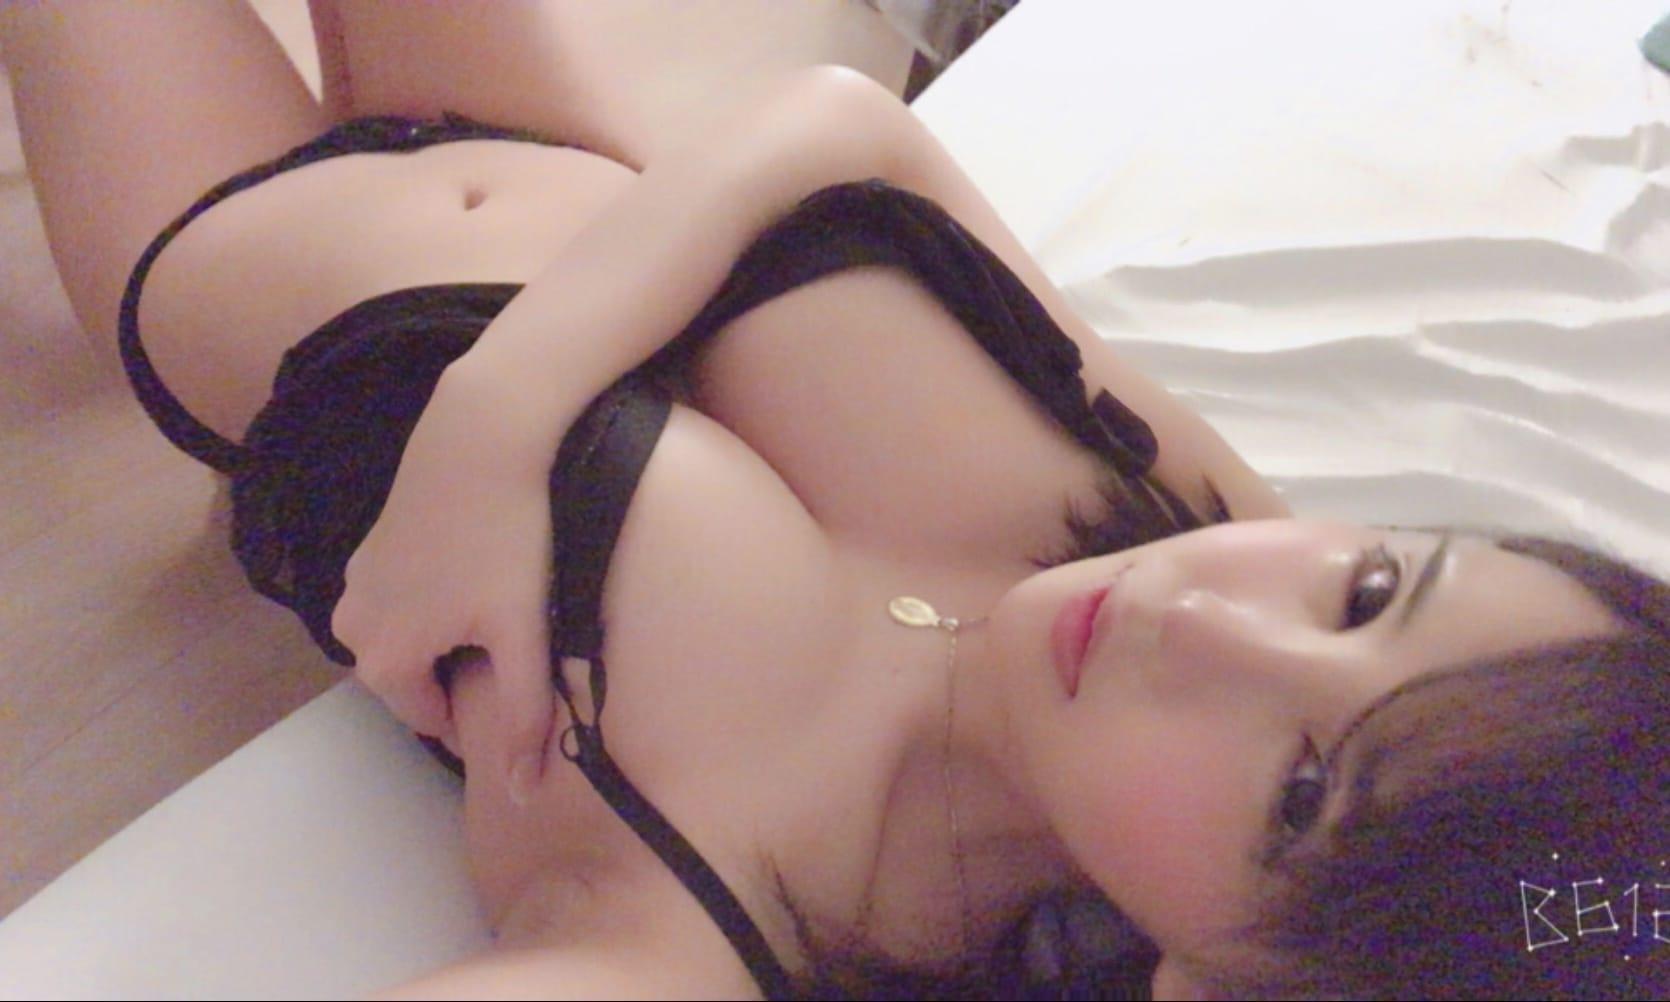 「次は26時❤️」03/13(03/13) 22:12 | Riricaの写メ・風俗動画